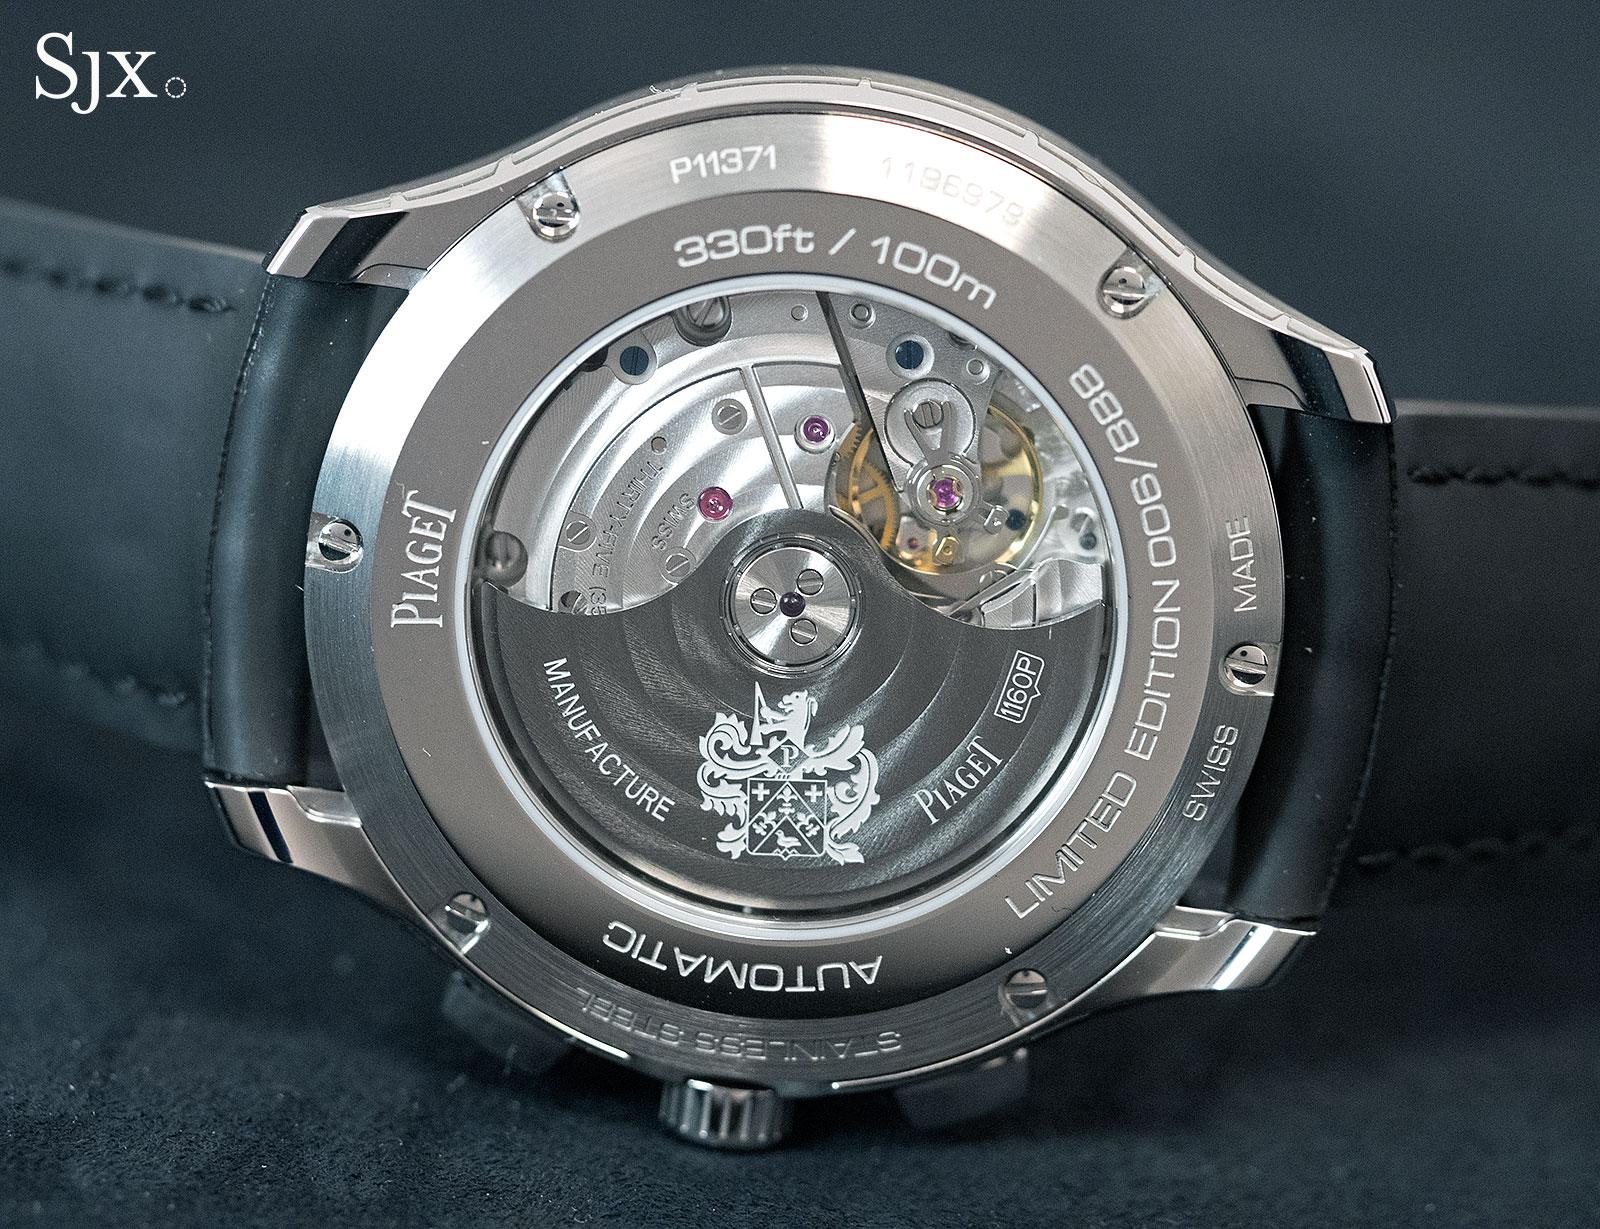 Piaget Polo S Black ADLC Chronograph-2